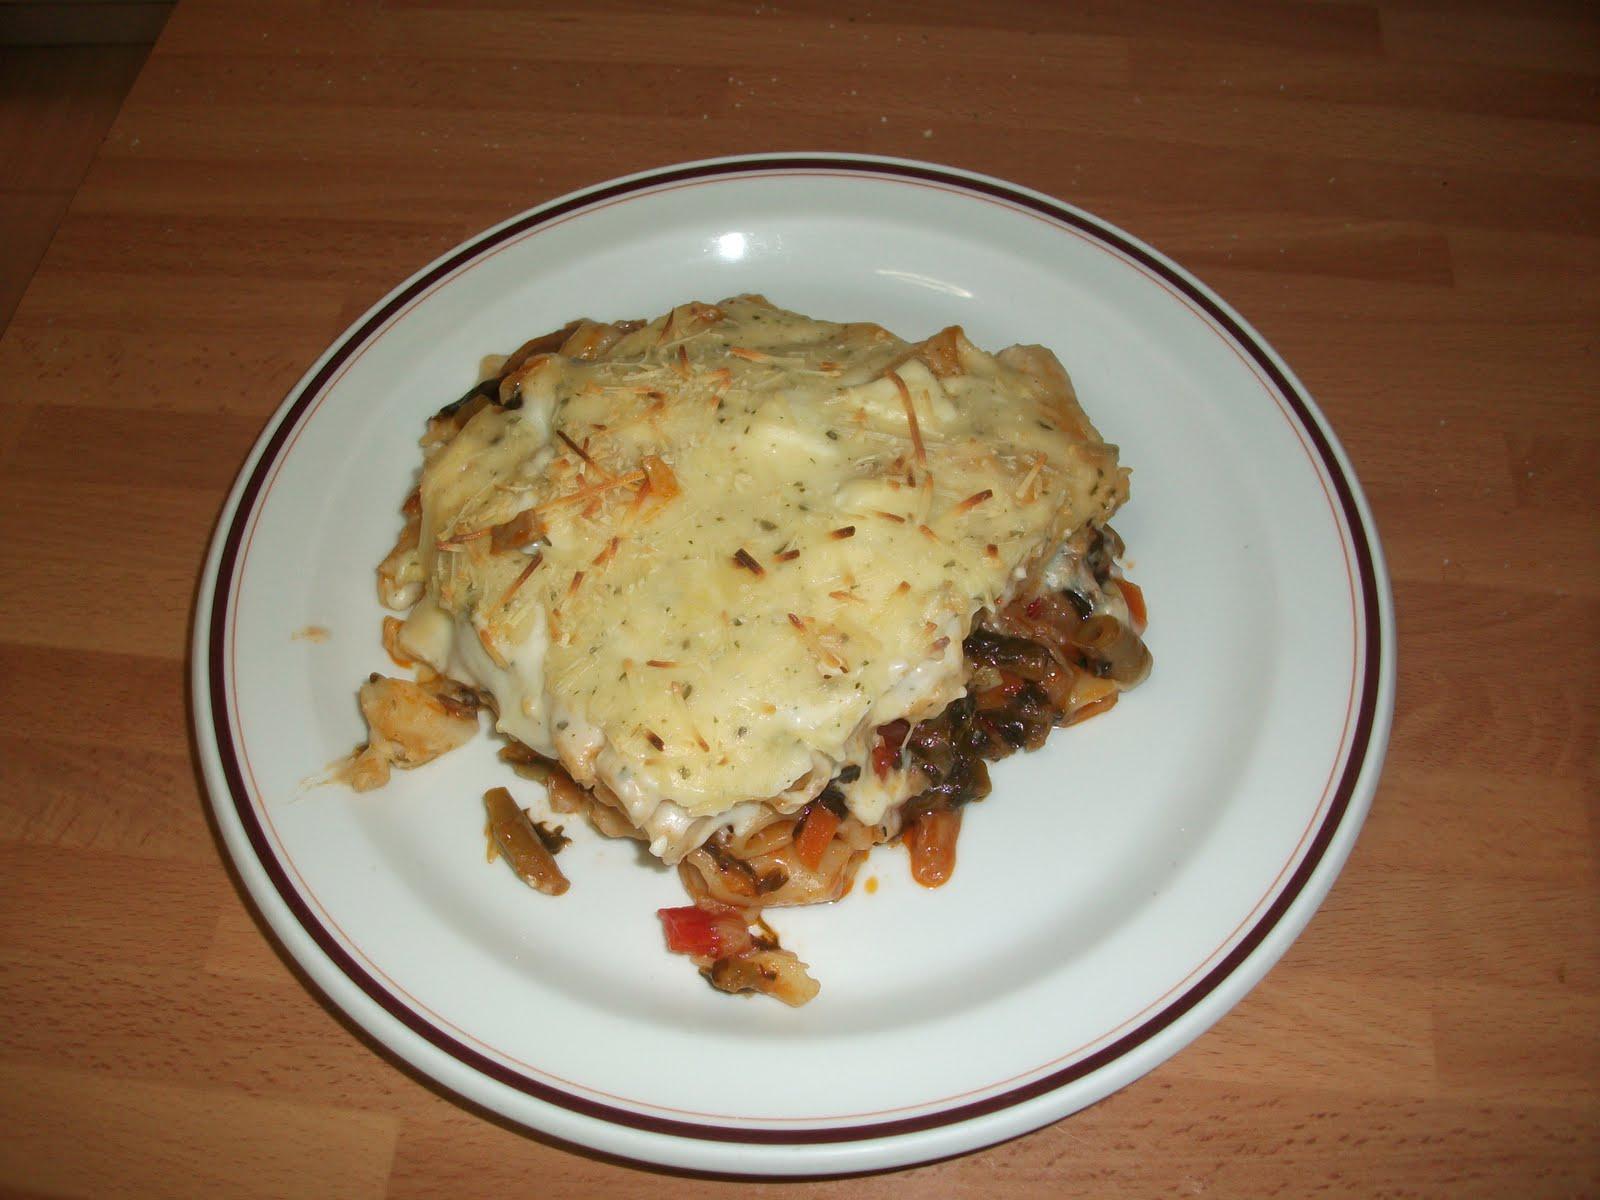 Entre fogones con la portuguesa macarrones con verduras y crema de queso al horno - Macarrones con verduras al horno ...